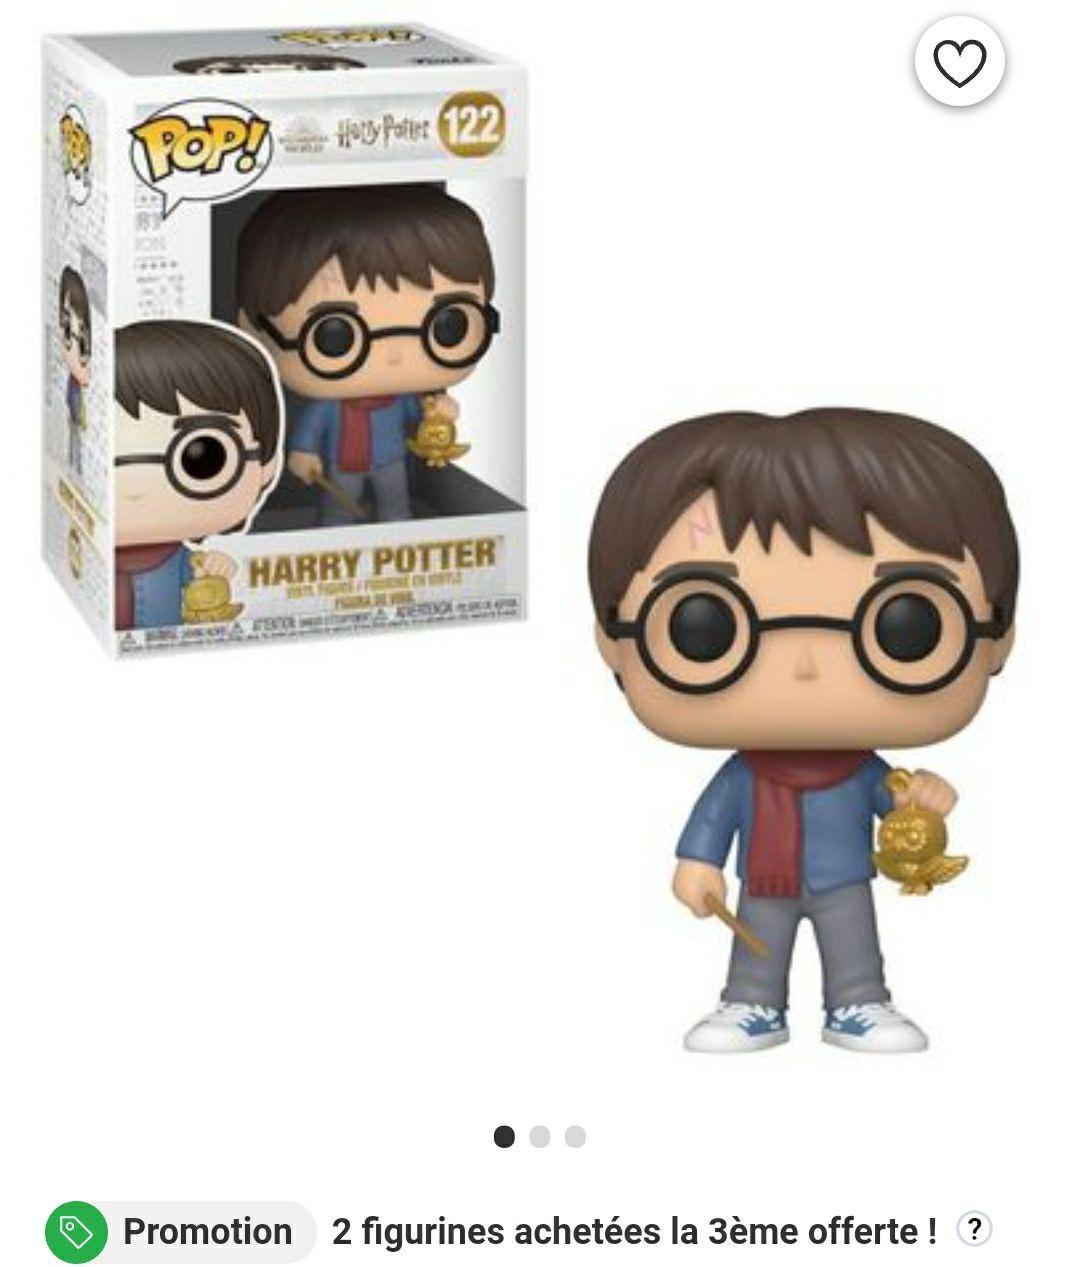 2 figurines Funko Pop! achetées = la troisième offerte